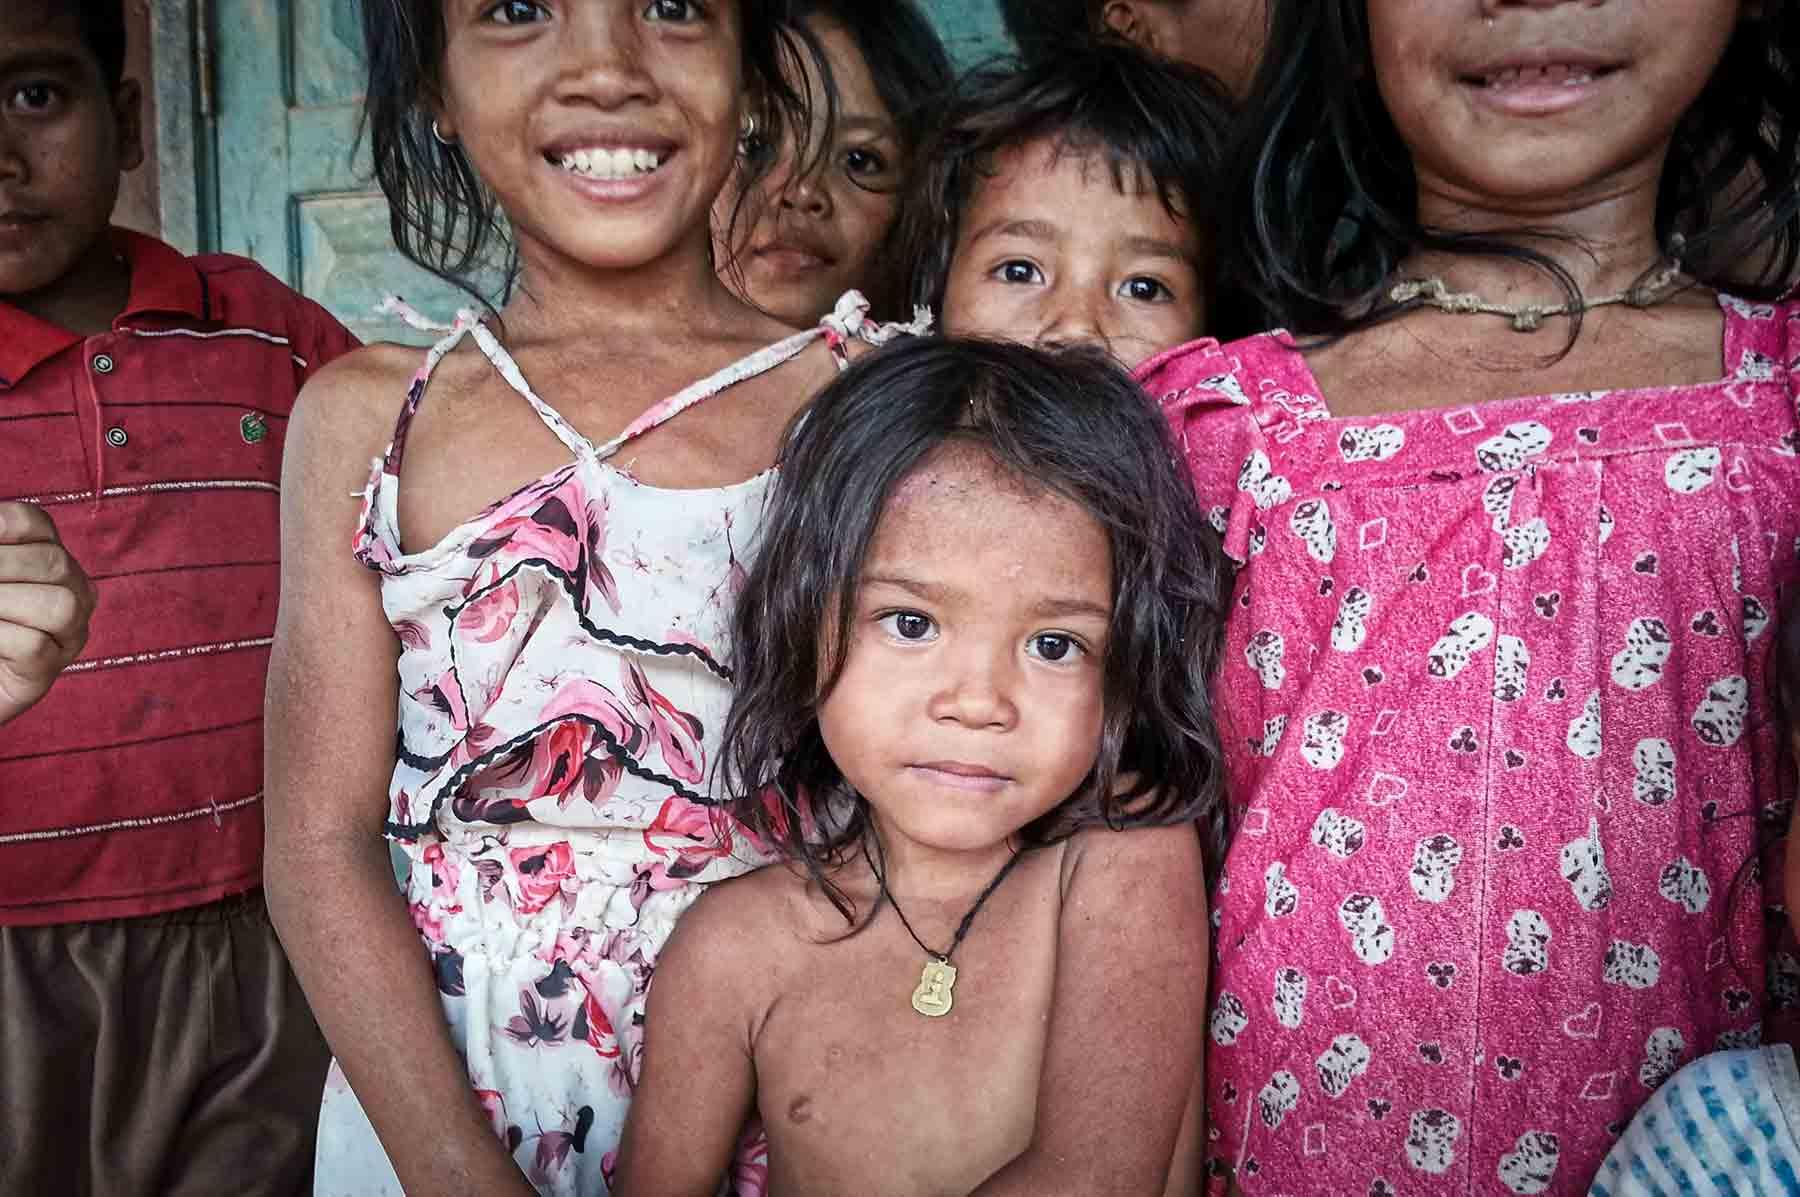 Unsere Freiwilligen intervenieren in einem Dorf in Kambodscha, um einem Kind zu helfen, das sich in einer Situation schweren Missbrauchs befindet.